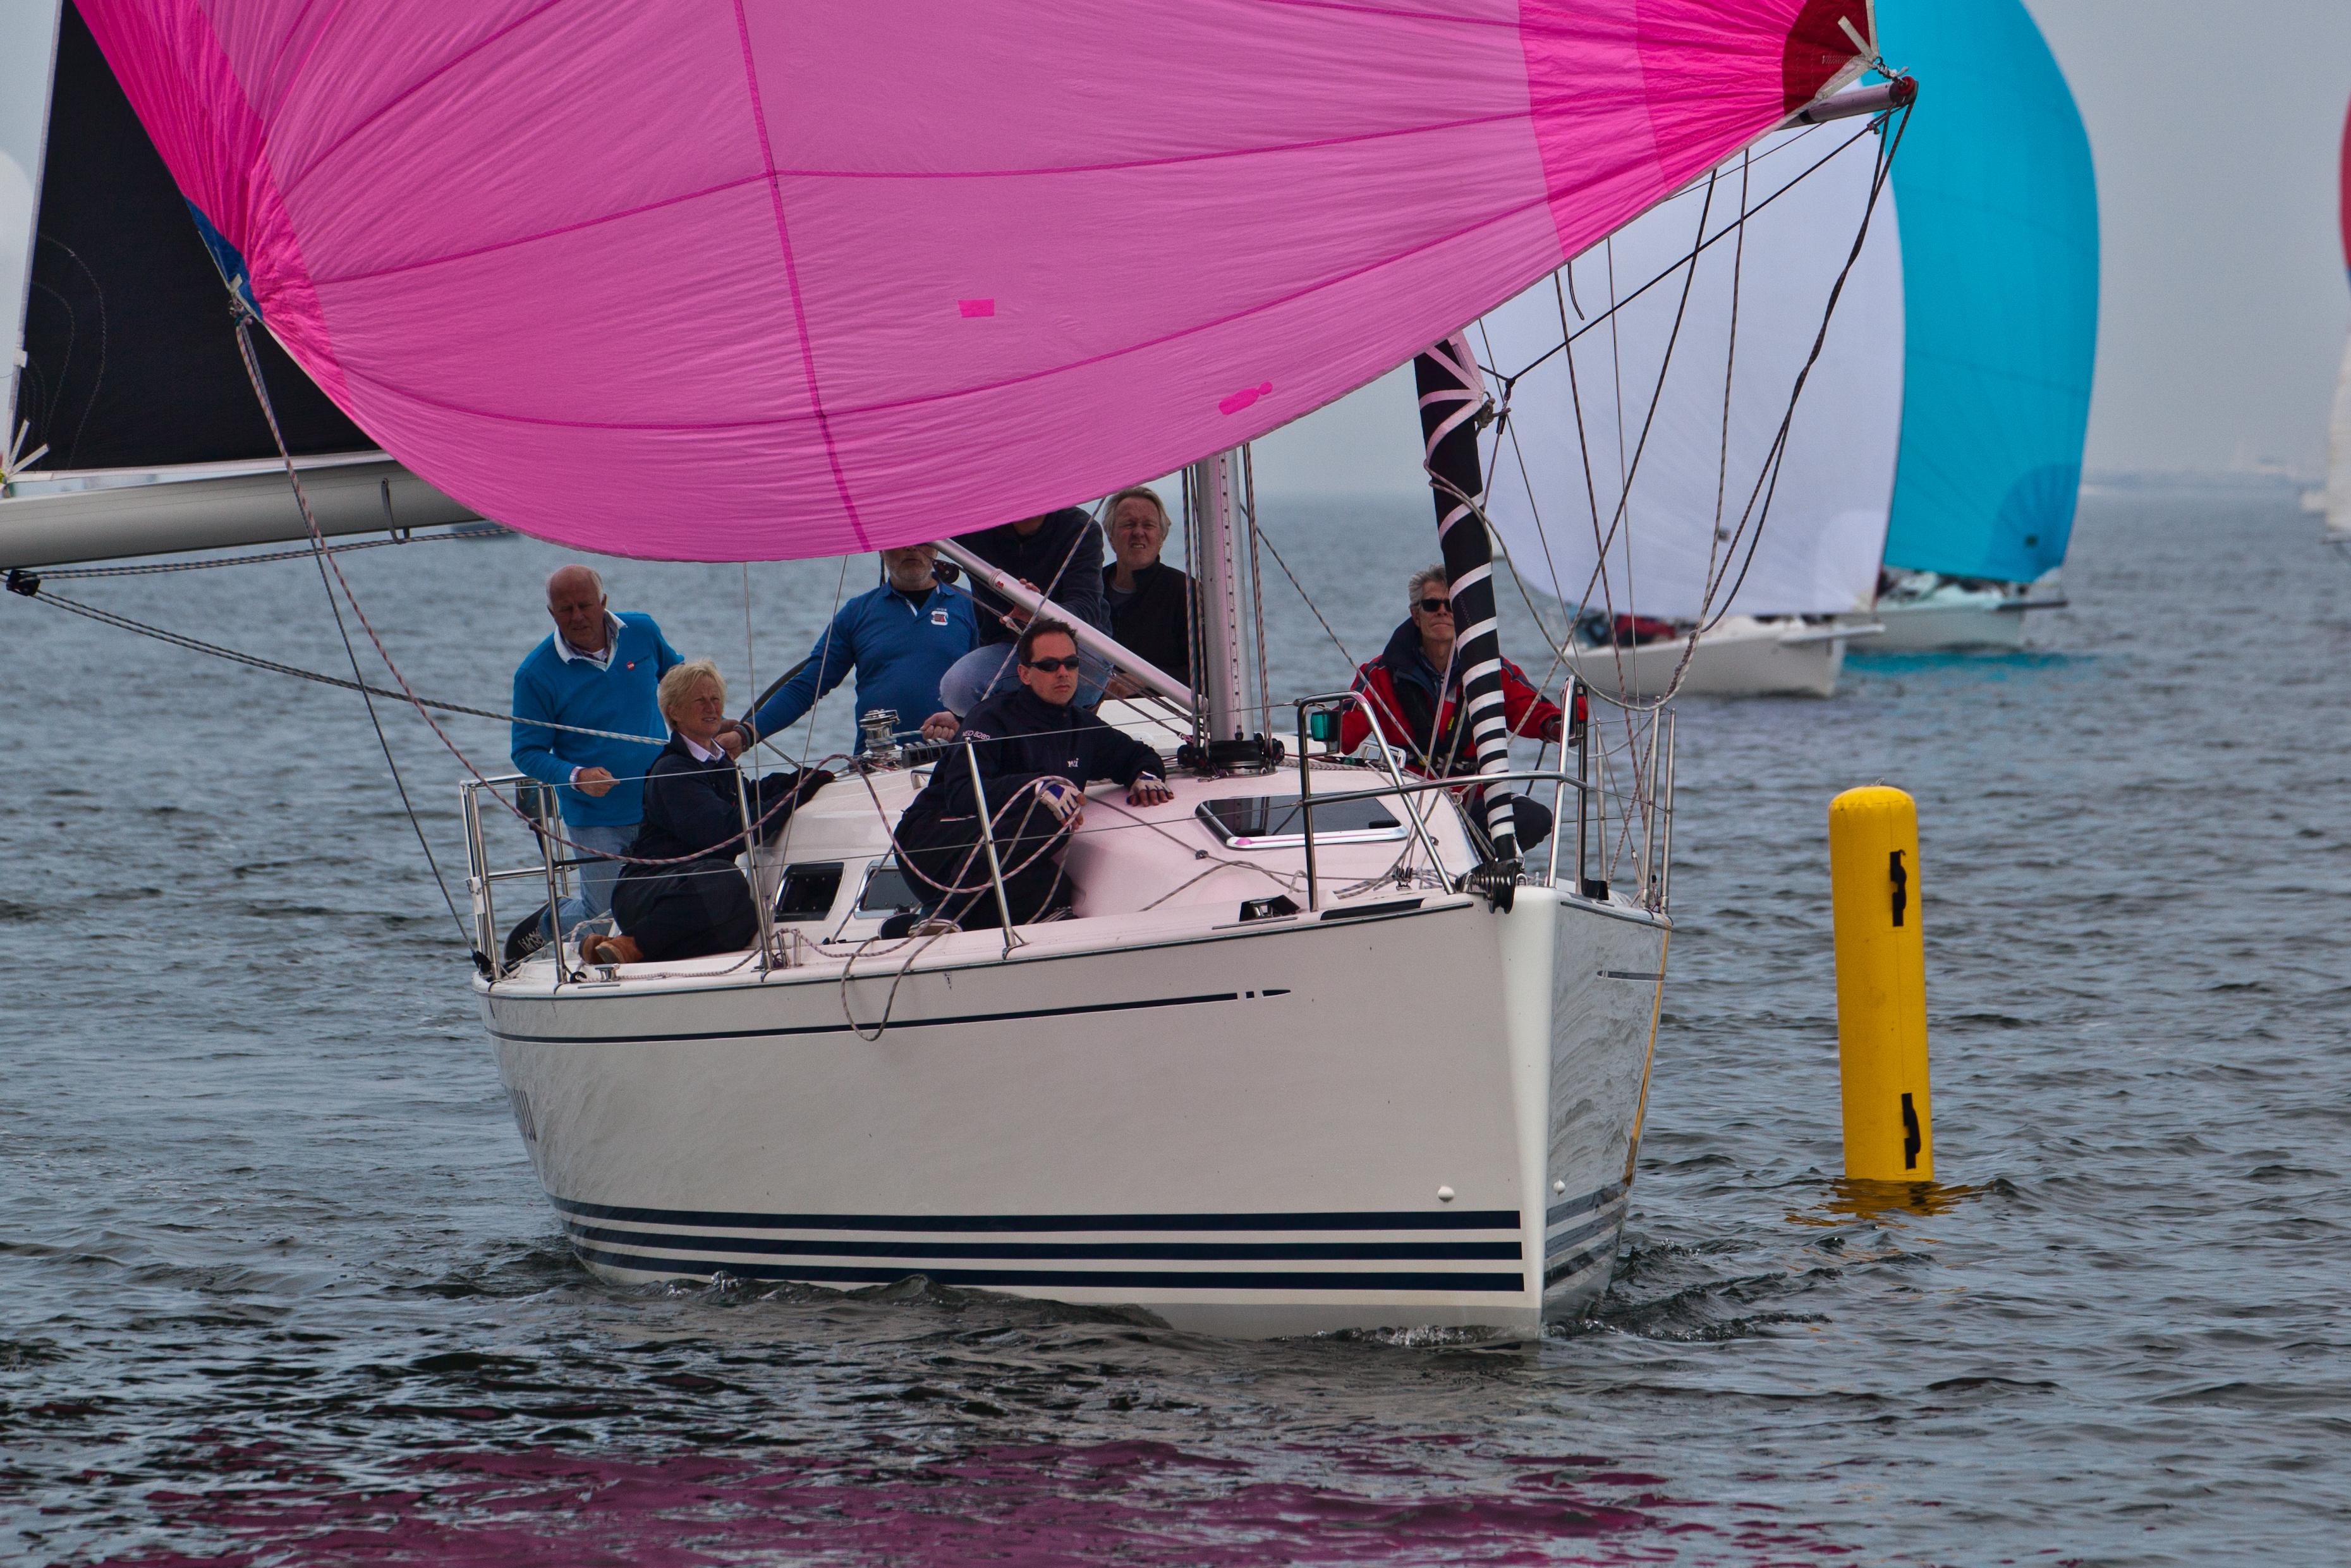 flevomare almere regatta